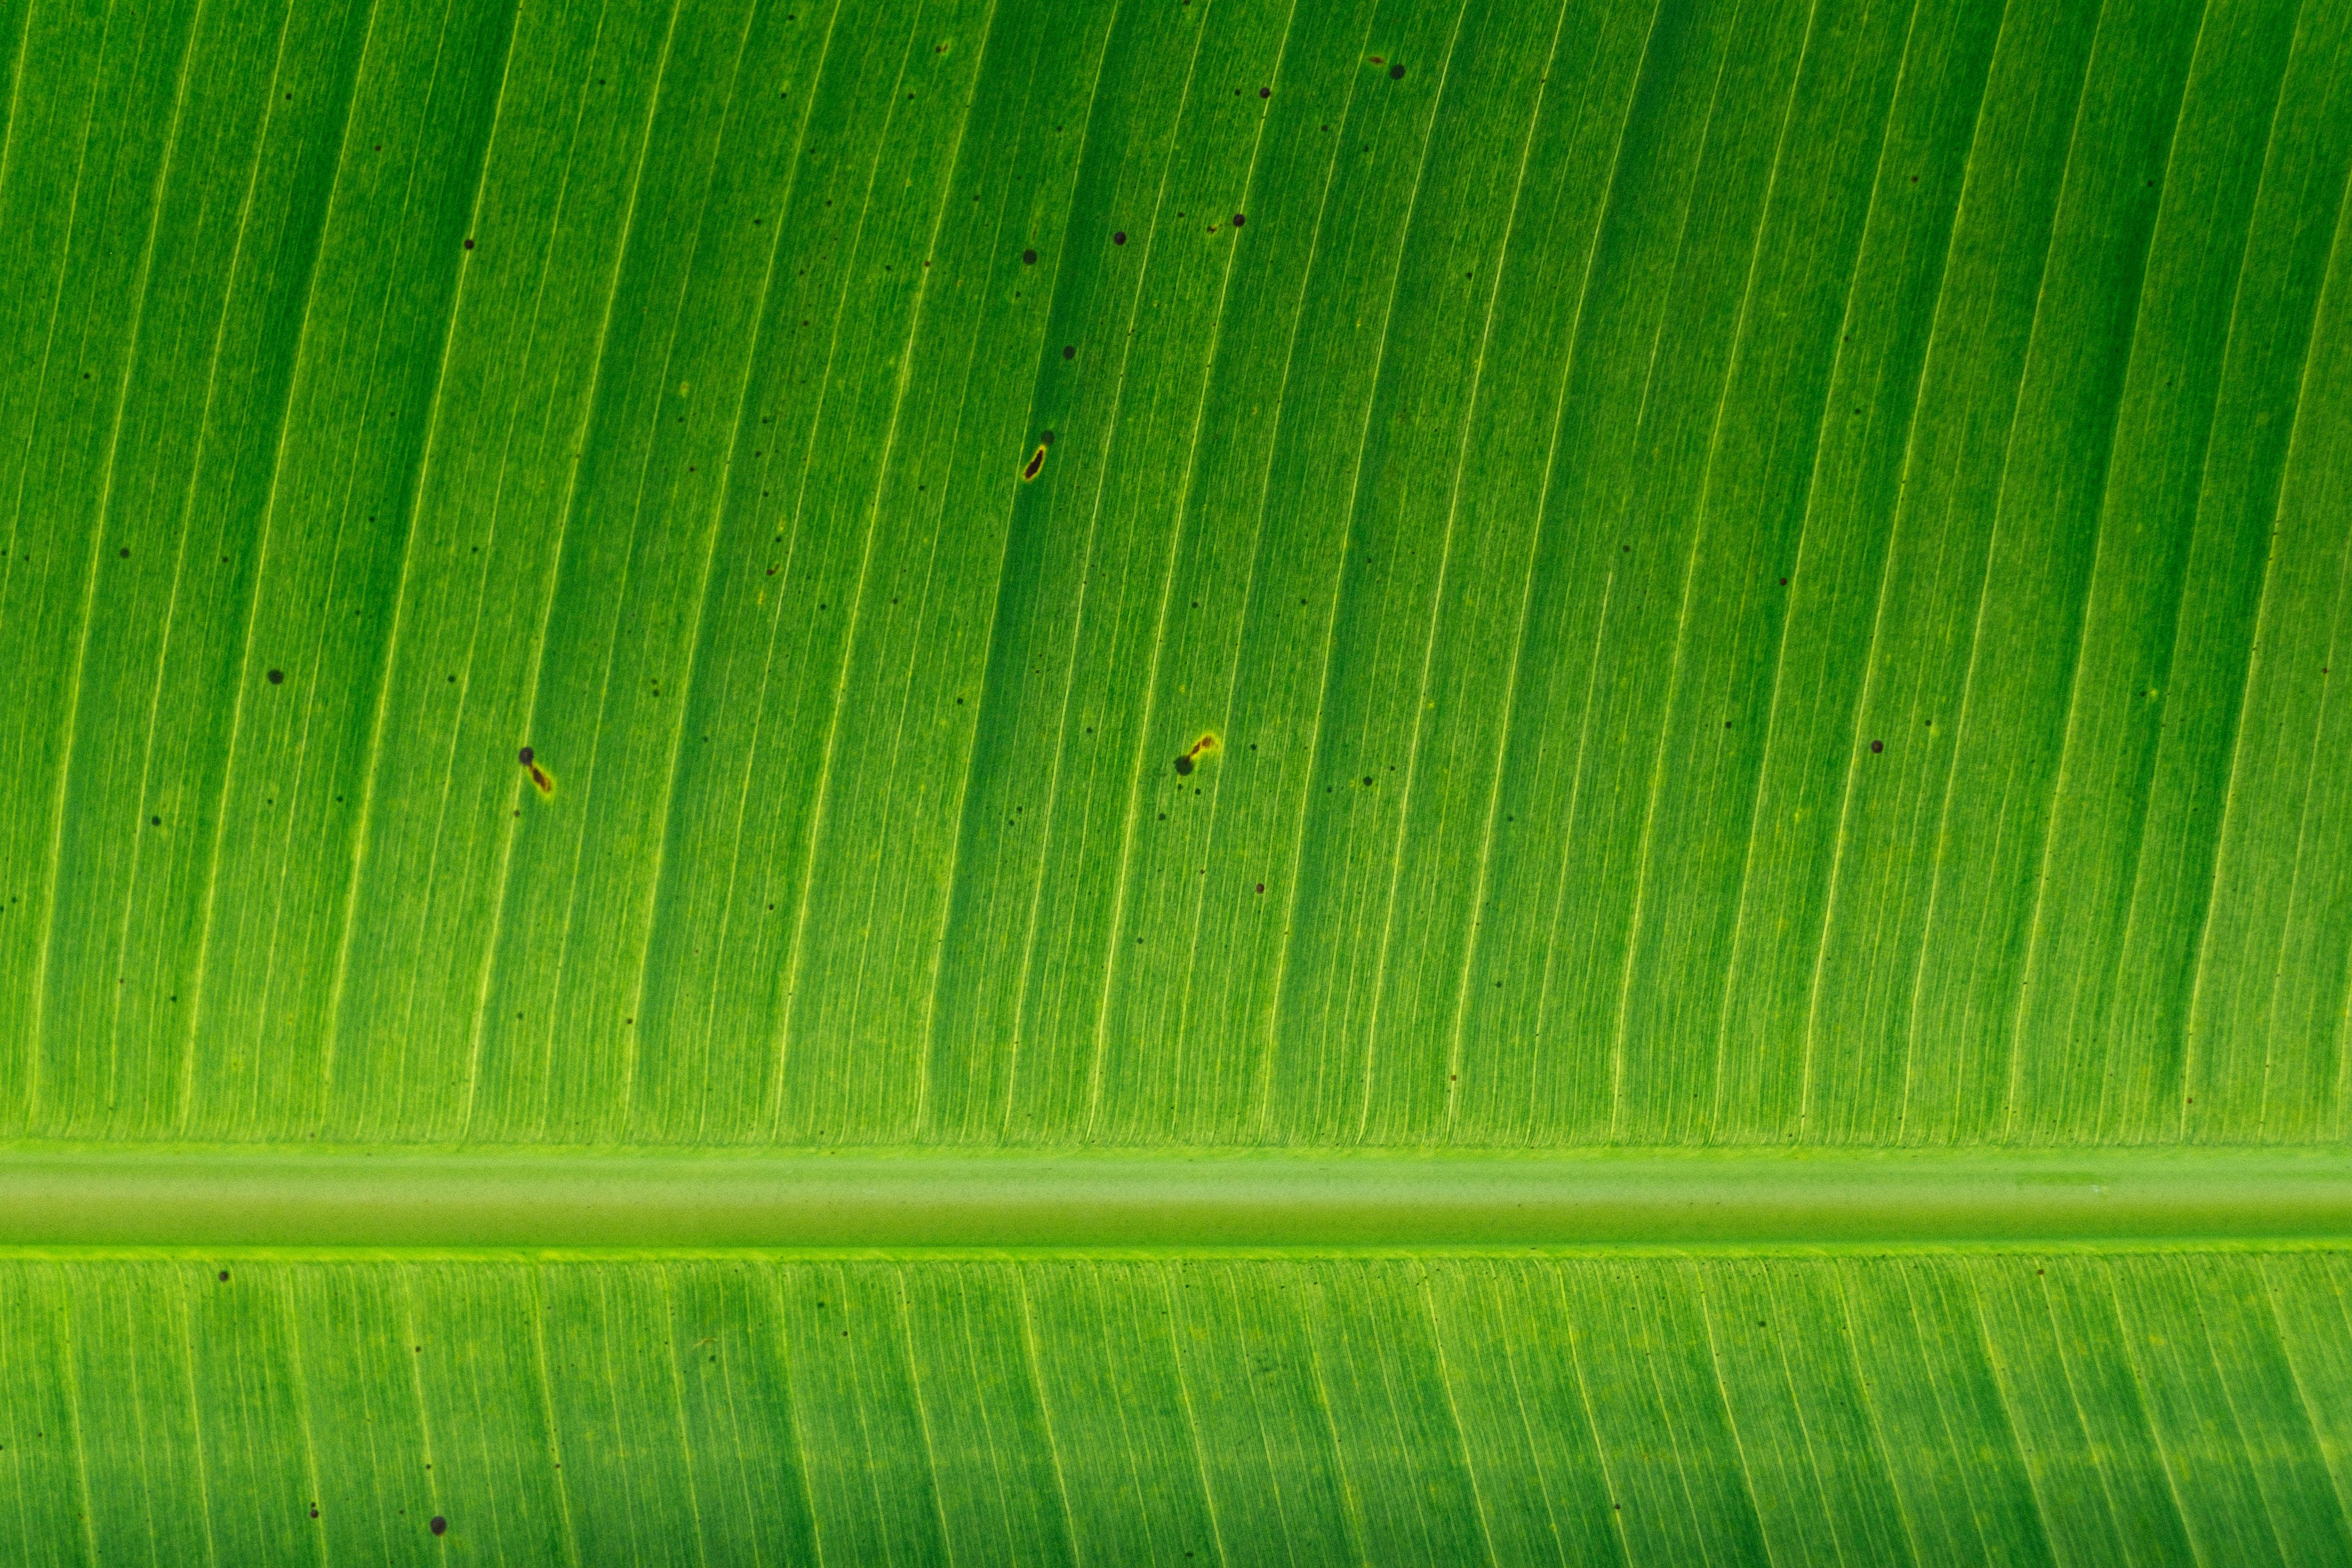 green banana left